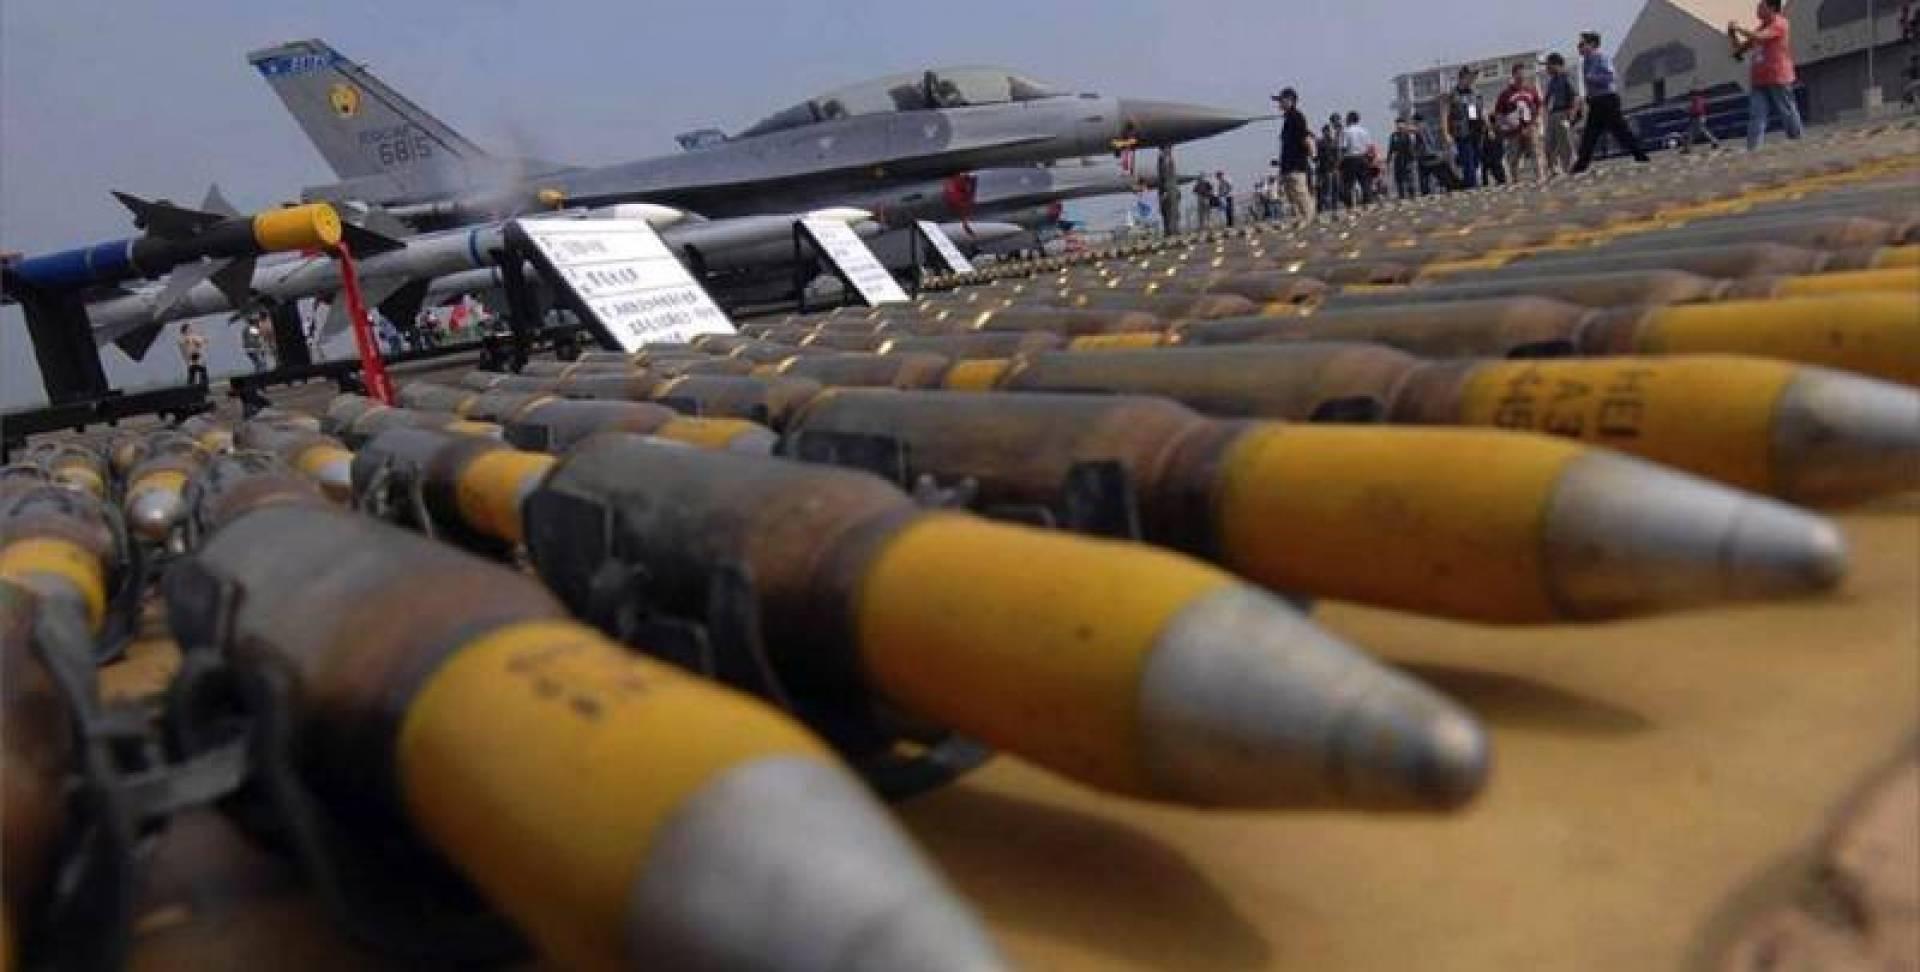 الحكومة للجهات الأمنية والعسكرية: اشتروا أجهزة دفاعية آسيوية وأوروبية